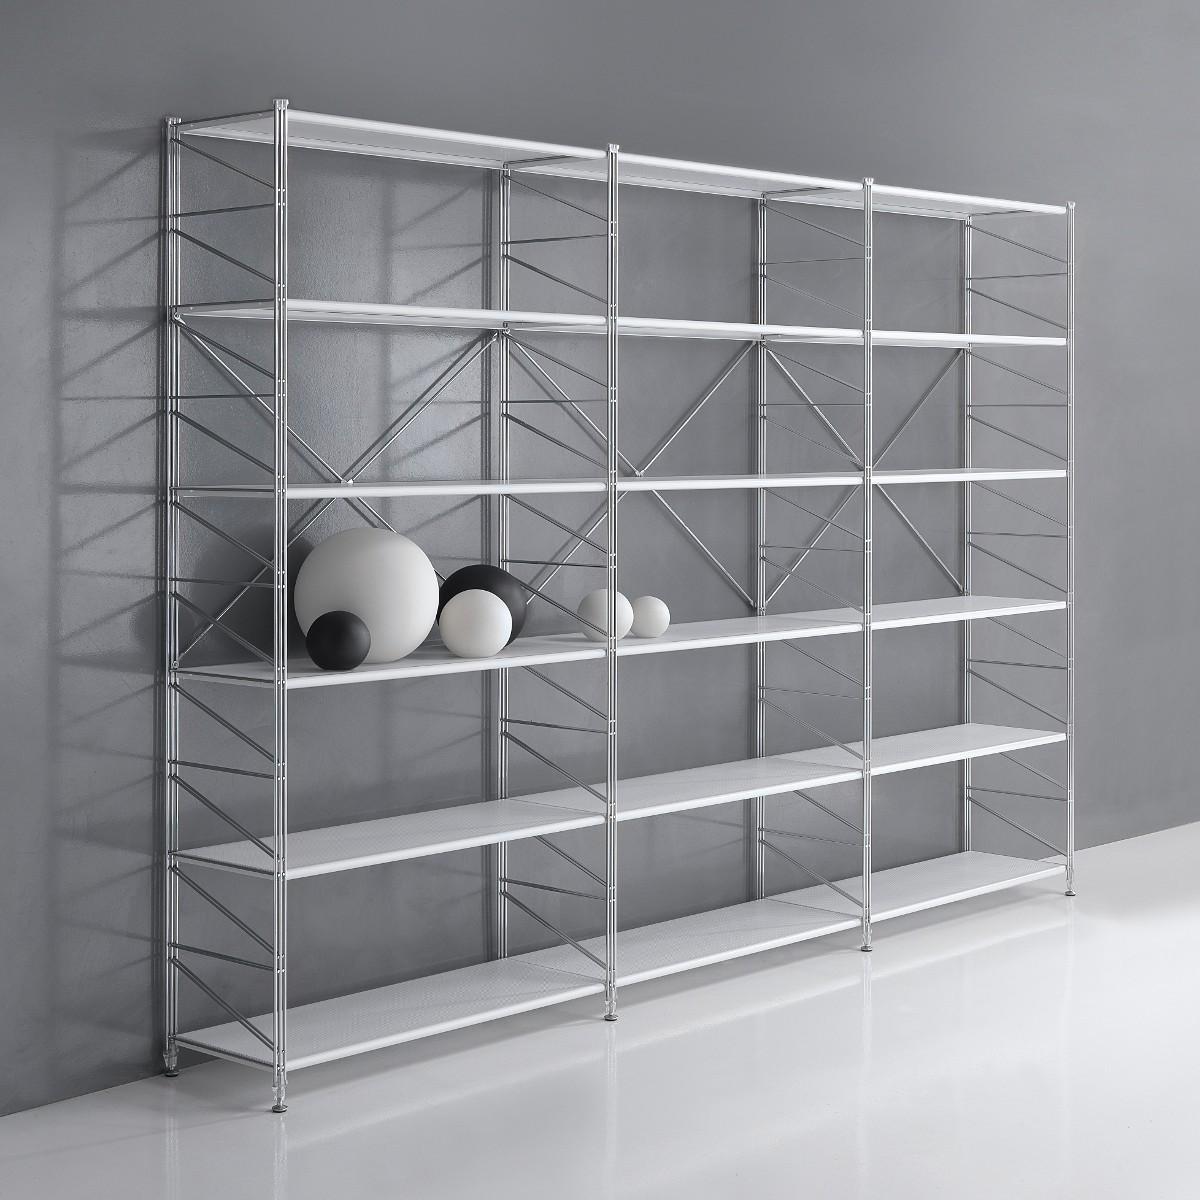 Librerie componibili in acciaio come creare scaffali e for Librerie per ufficio economiche